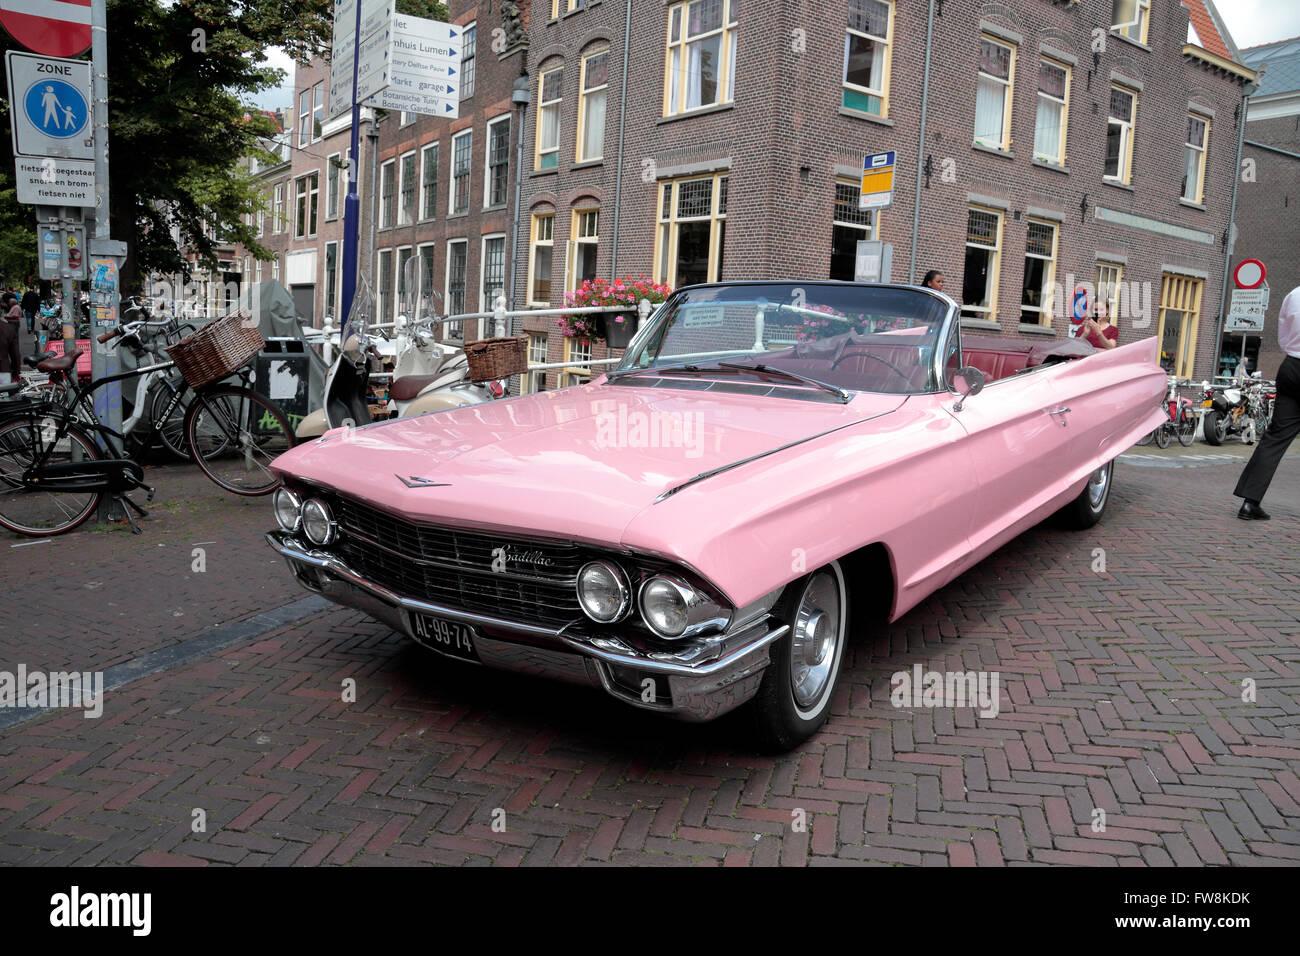 Una hermosa Pink Cadillac (1962 un sedán de Ville convertable) en Delft, Holanda Meridional, Países Bajos. Imagen De Stock